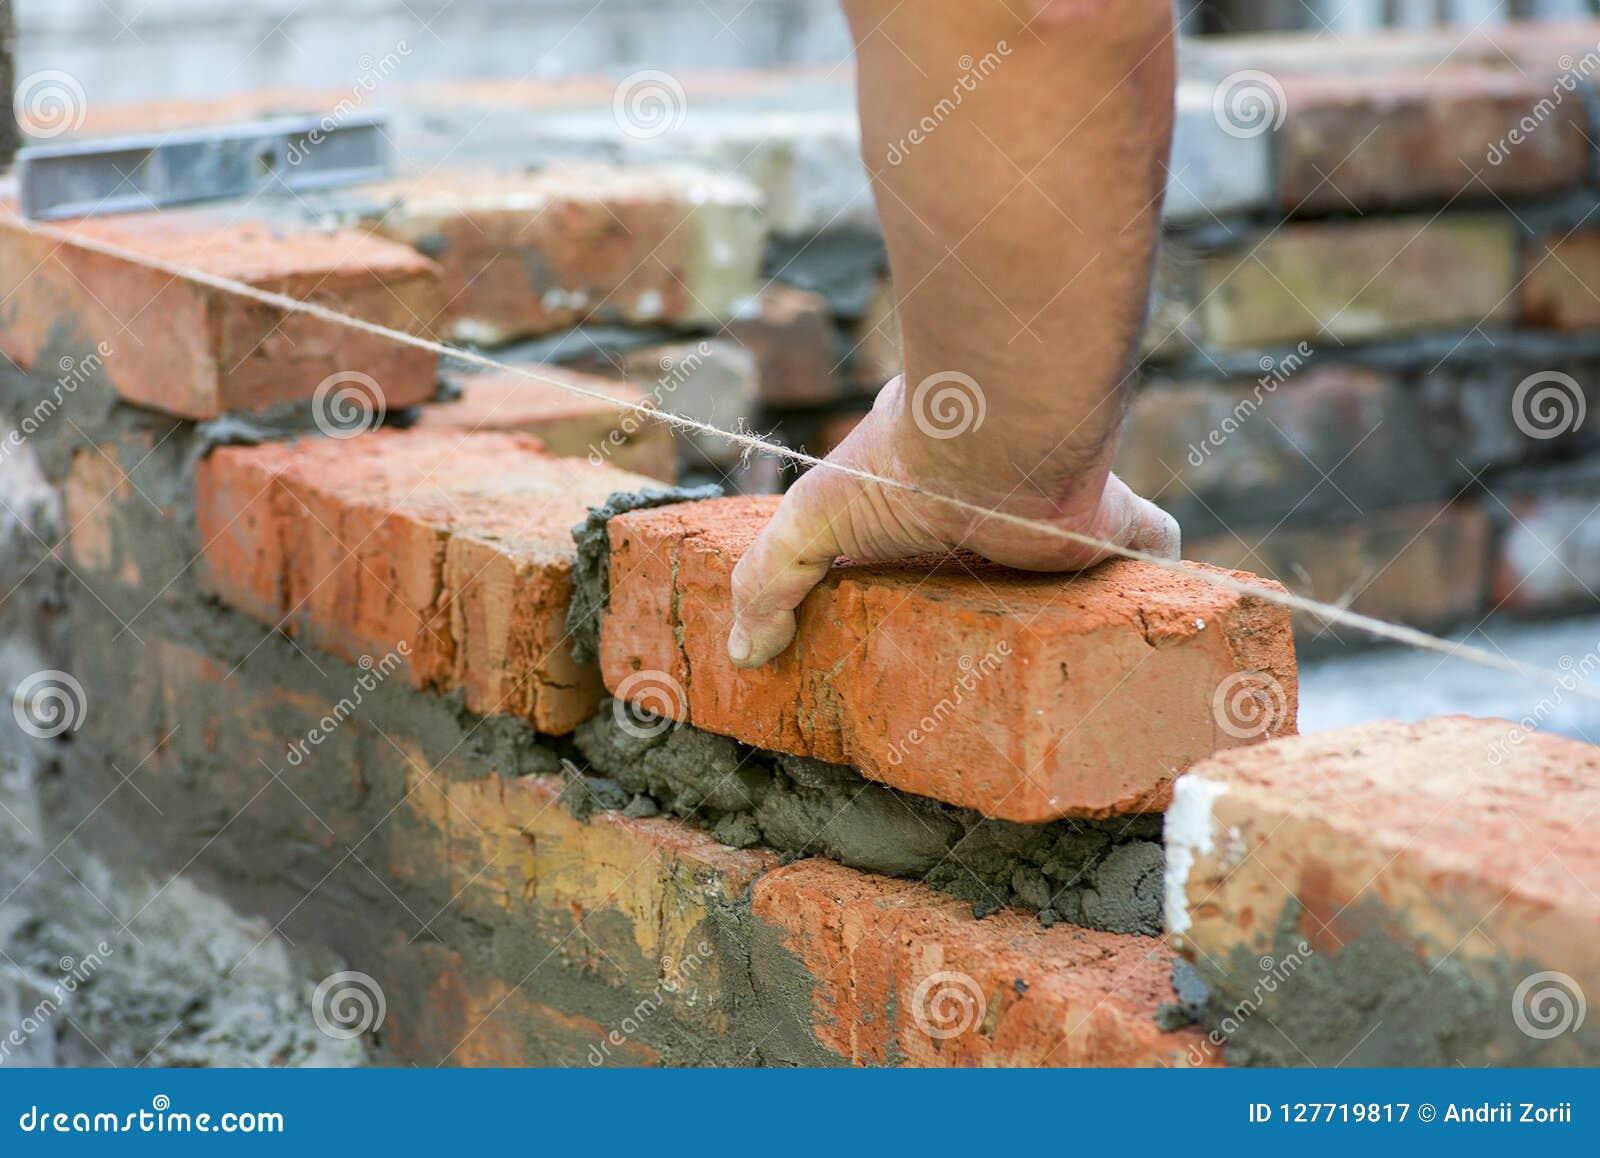 Mur de bloc de brique de bâtiment sur l usine de construction Le travailleur construit un mur de briques dans la maison Travaille